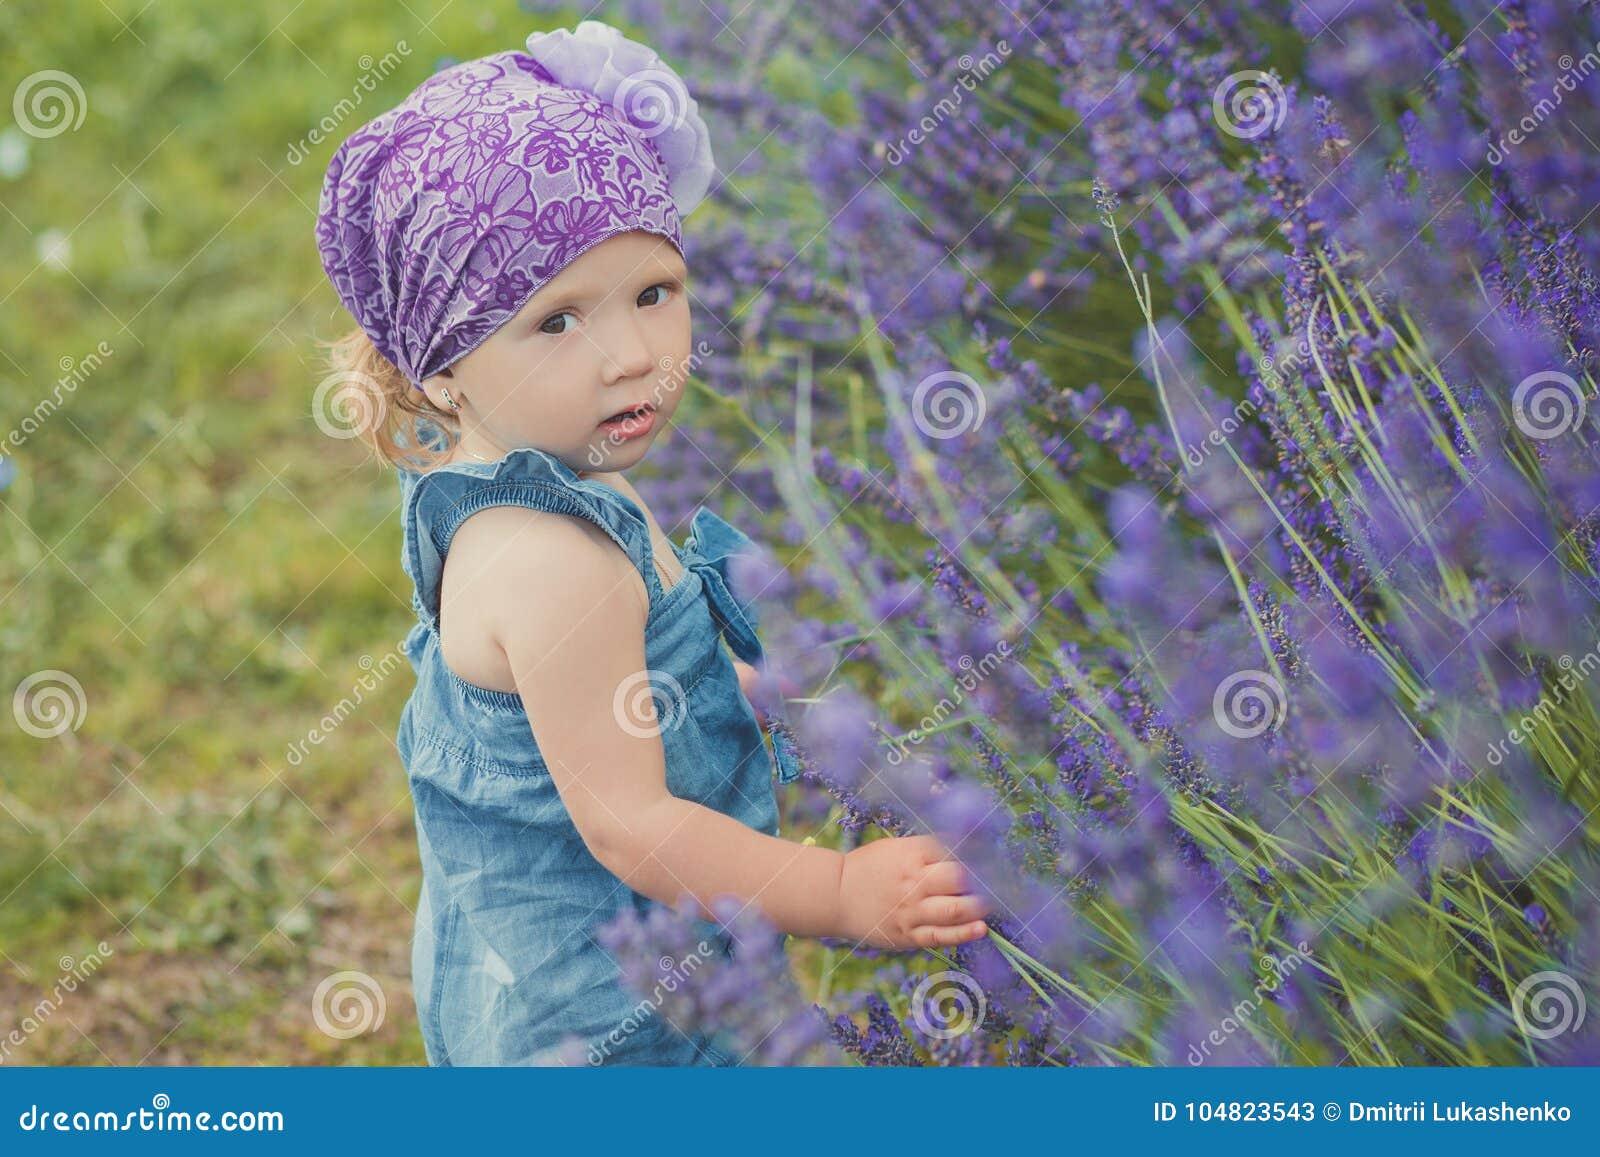 摆在接近lavander灌木佩带的牛仔裤的中央公园草甸的年轻秀丽儿童女孩穿戴和与我的紫罗兰色紫色班丹纳花绸